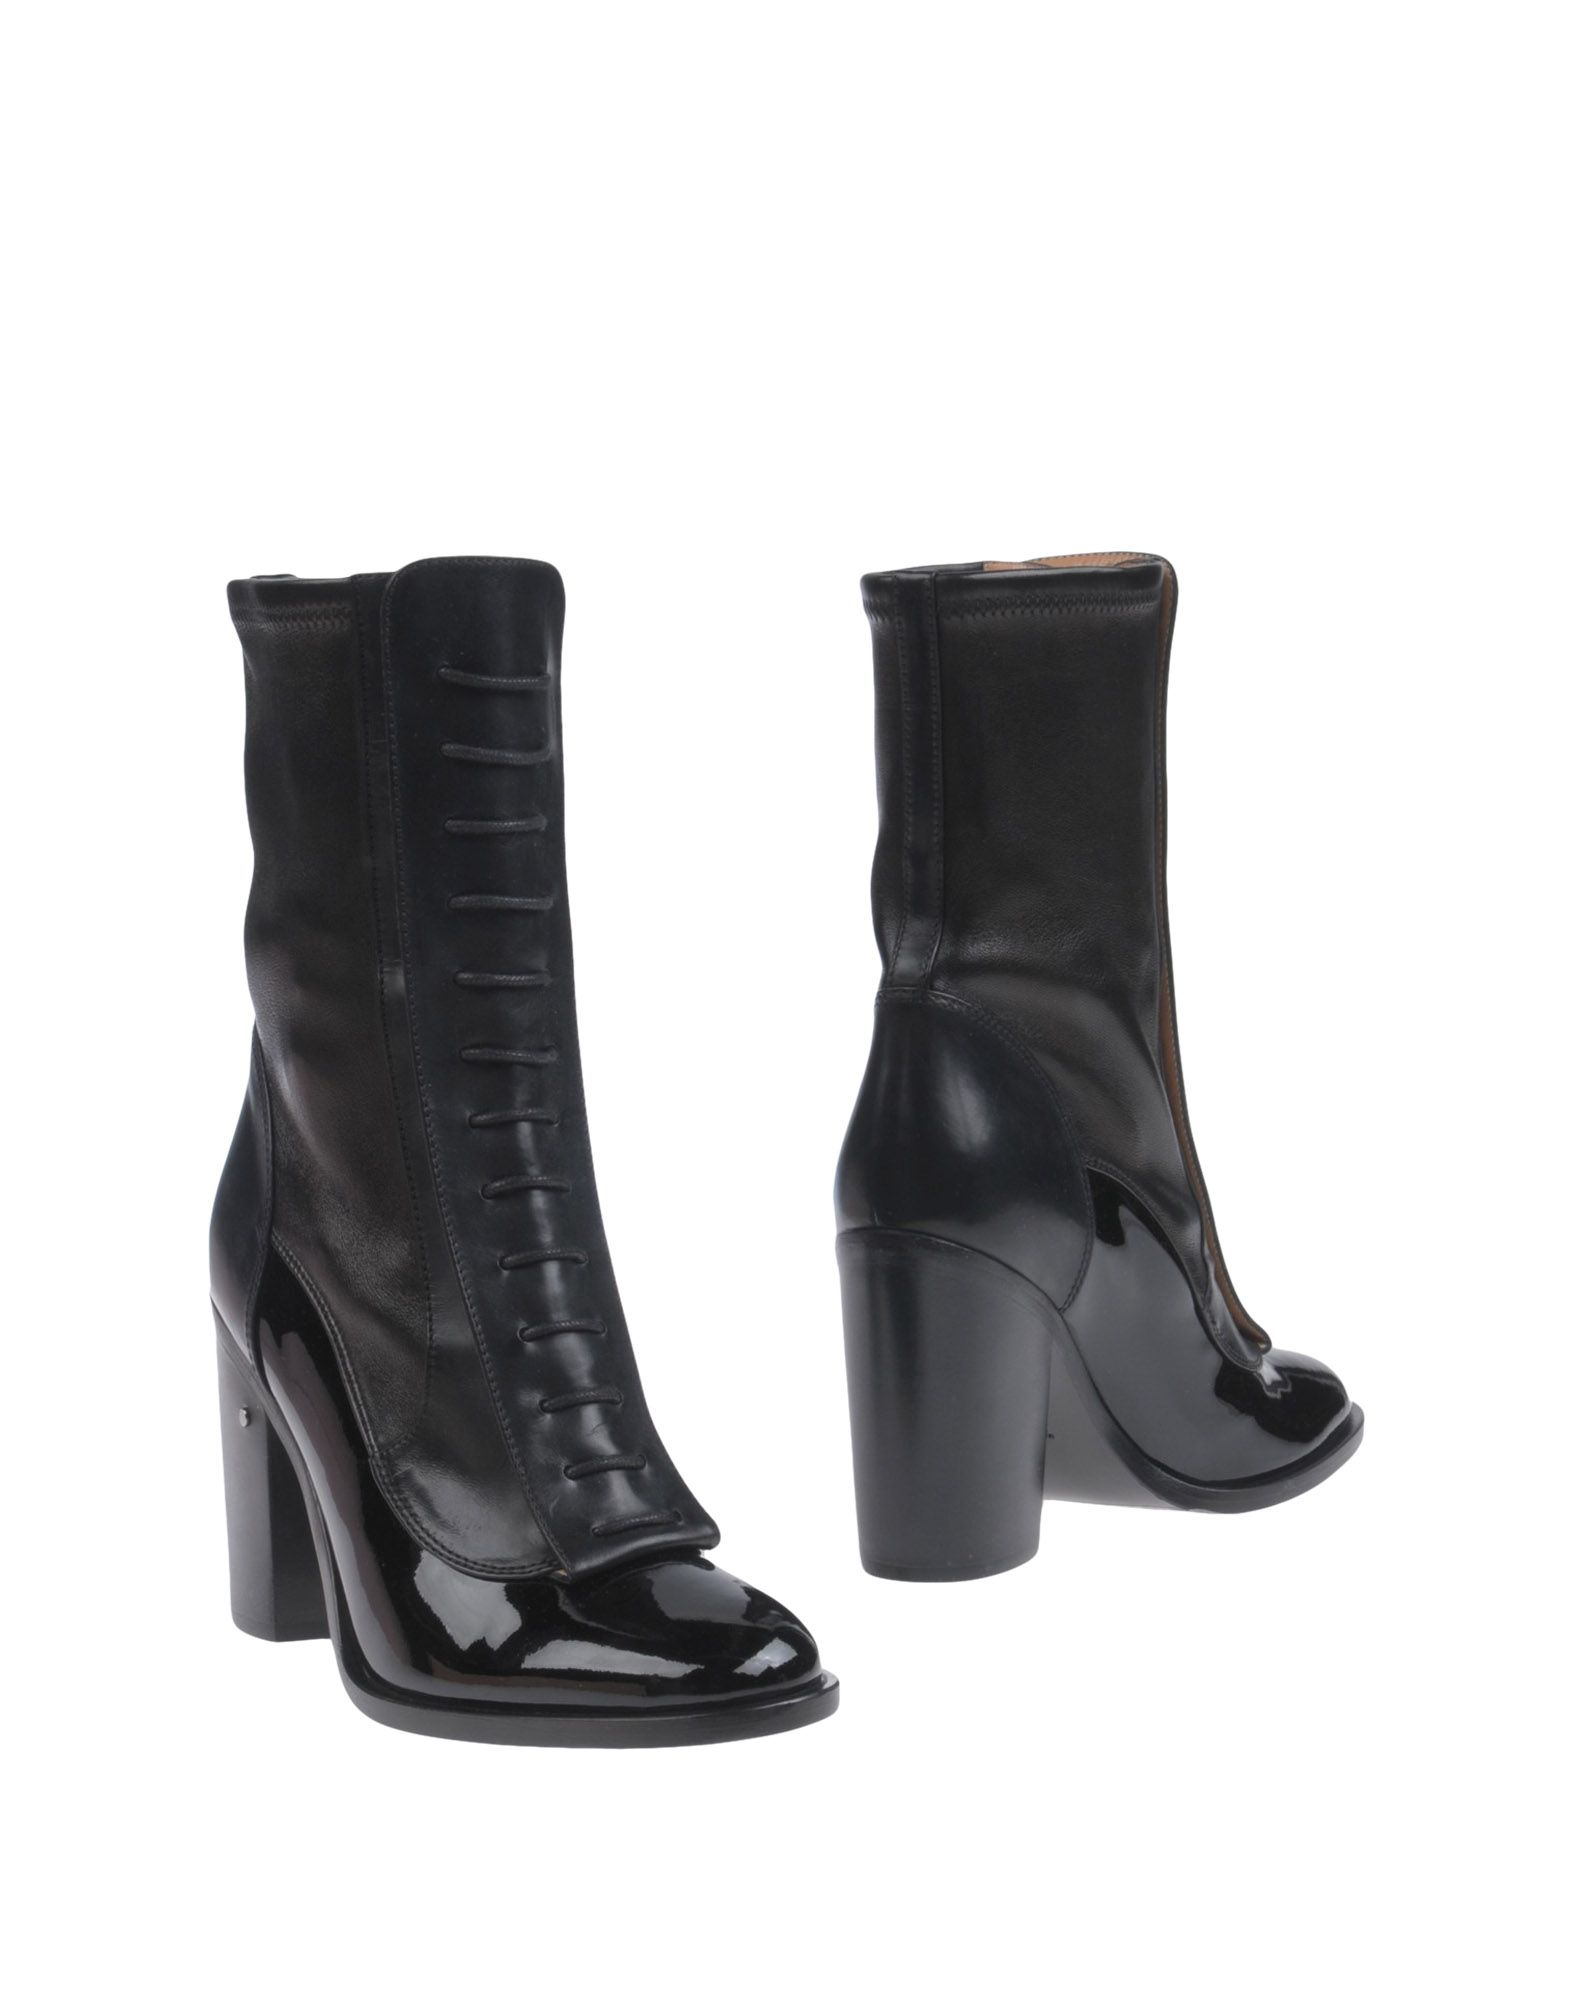 Laurence Dacade Stiefelette Damen  11285116XBGünstige gut aussehende Schuhe